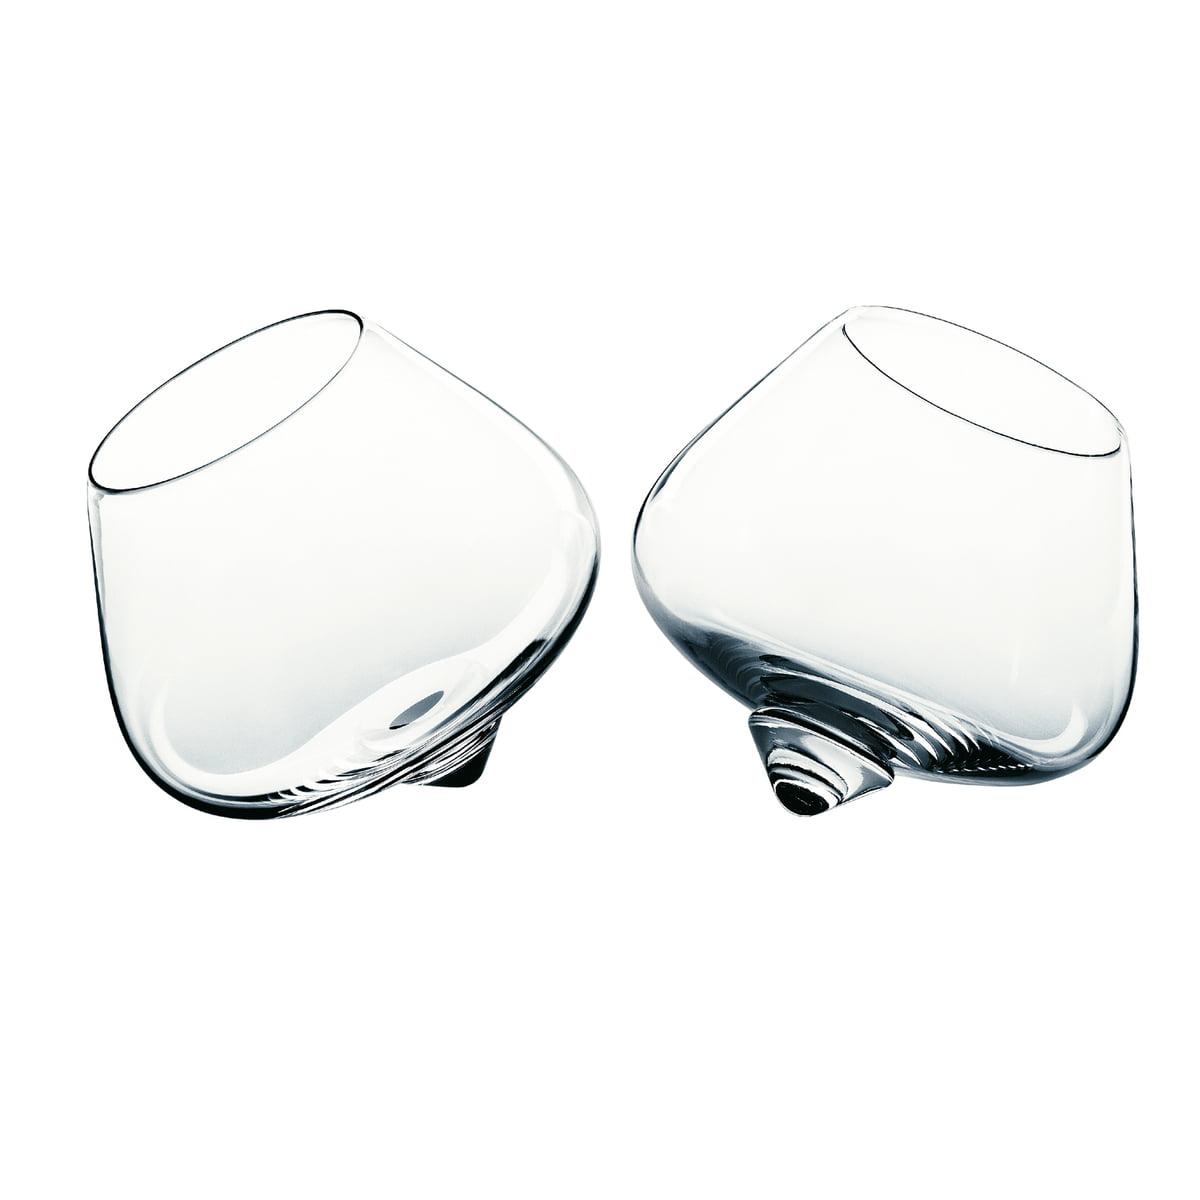 Cognac glass liqueur glass set